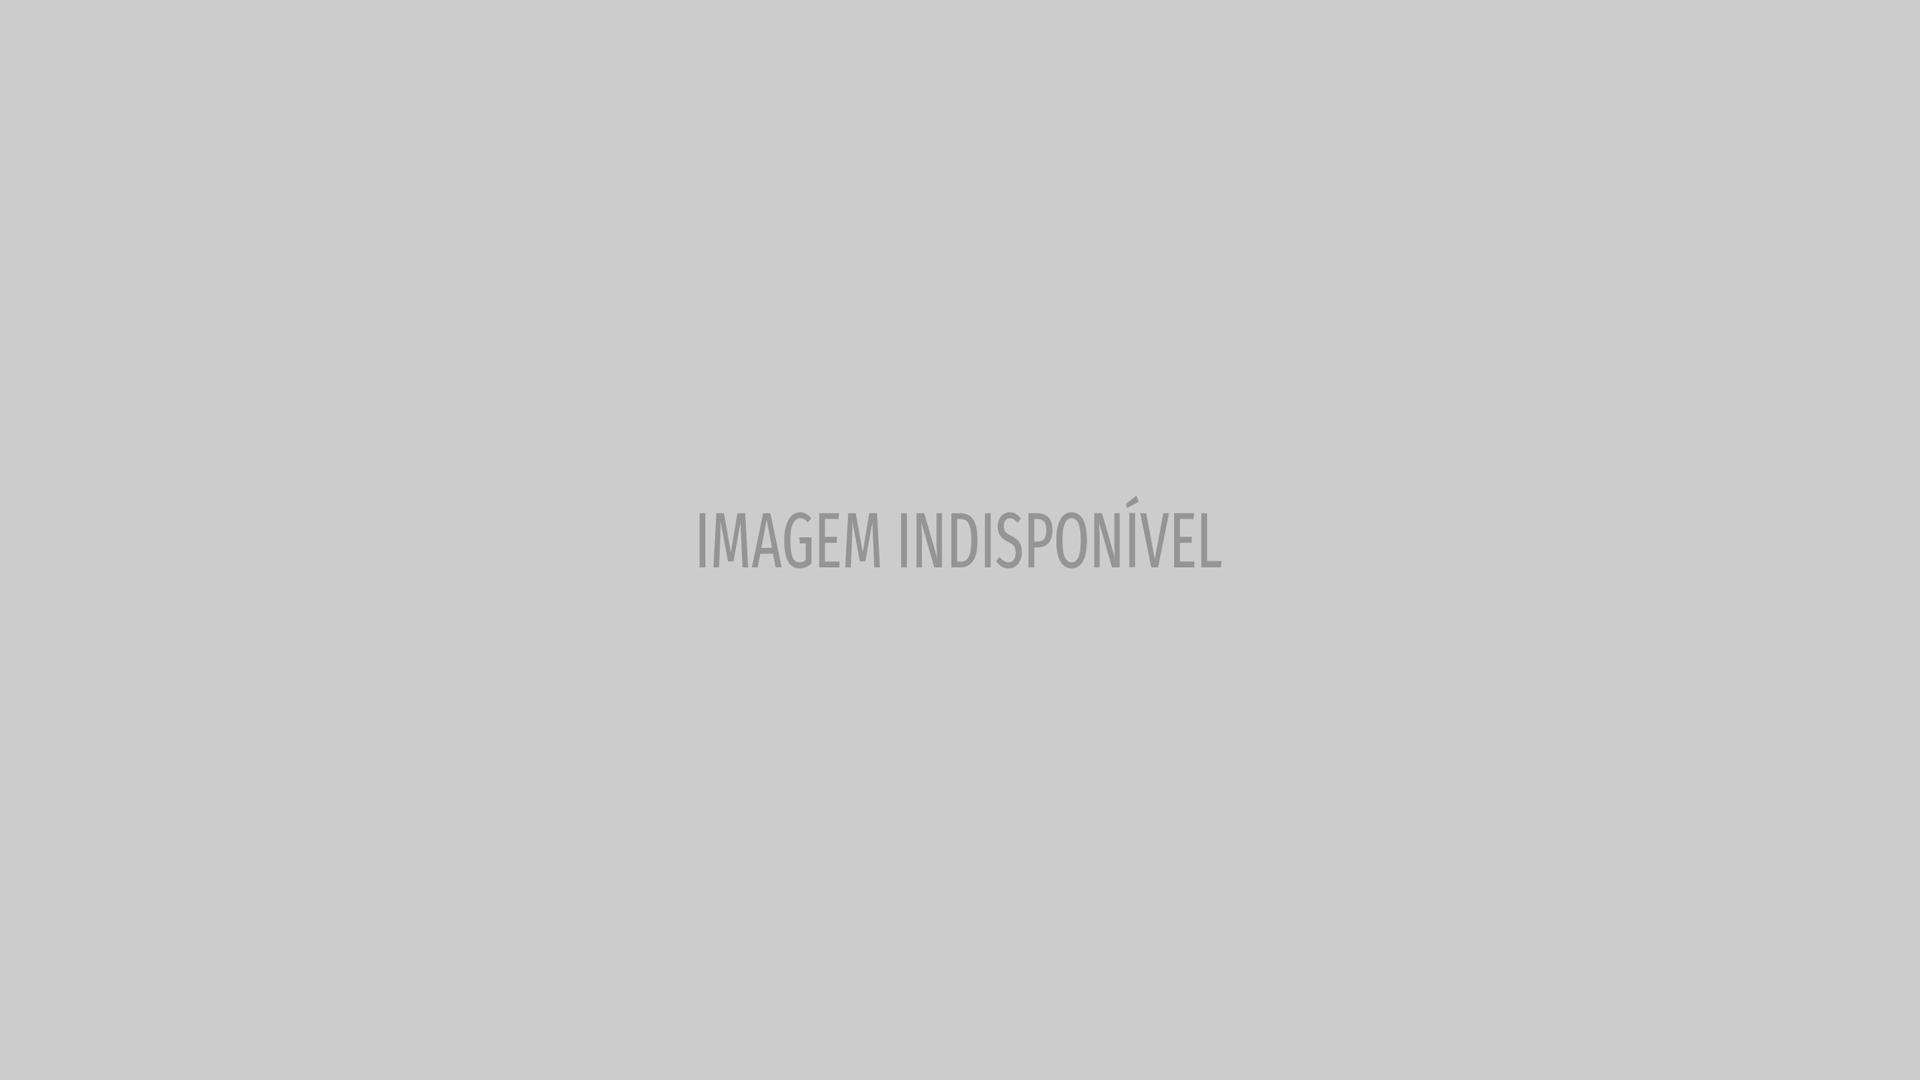 Kourtney Kardashian contratou detetives para apanhar 'ex' em flagrante